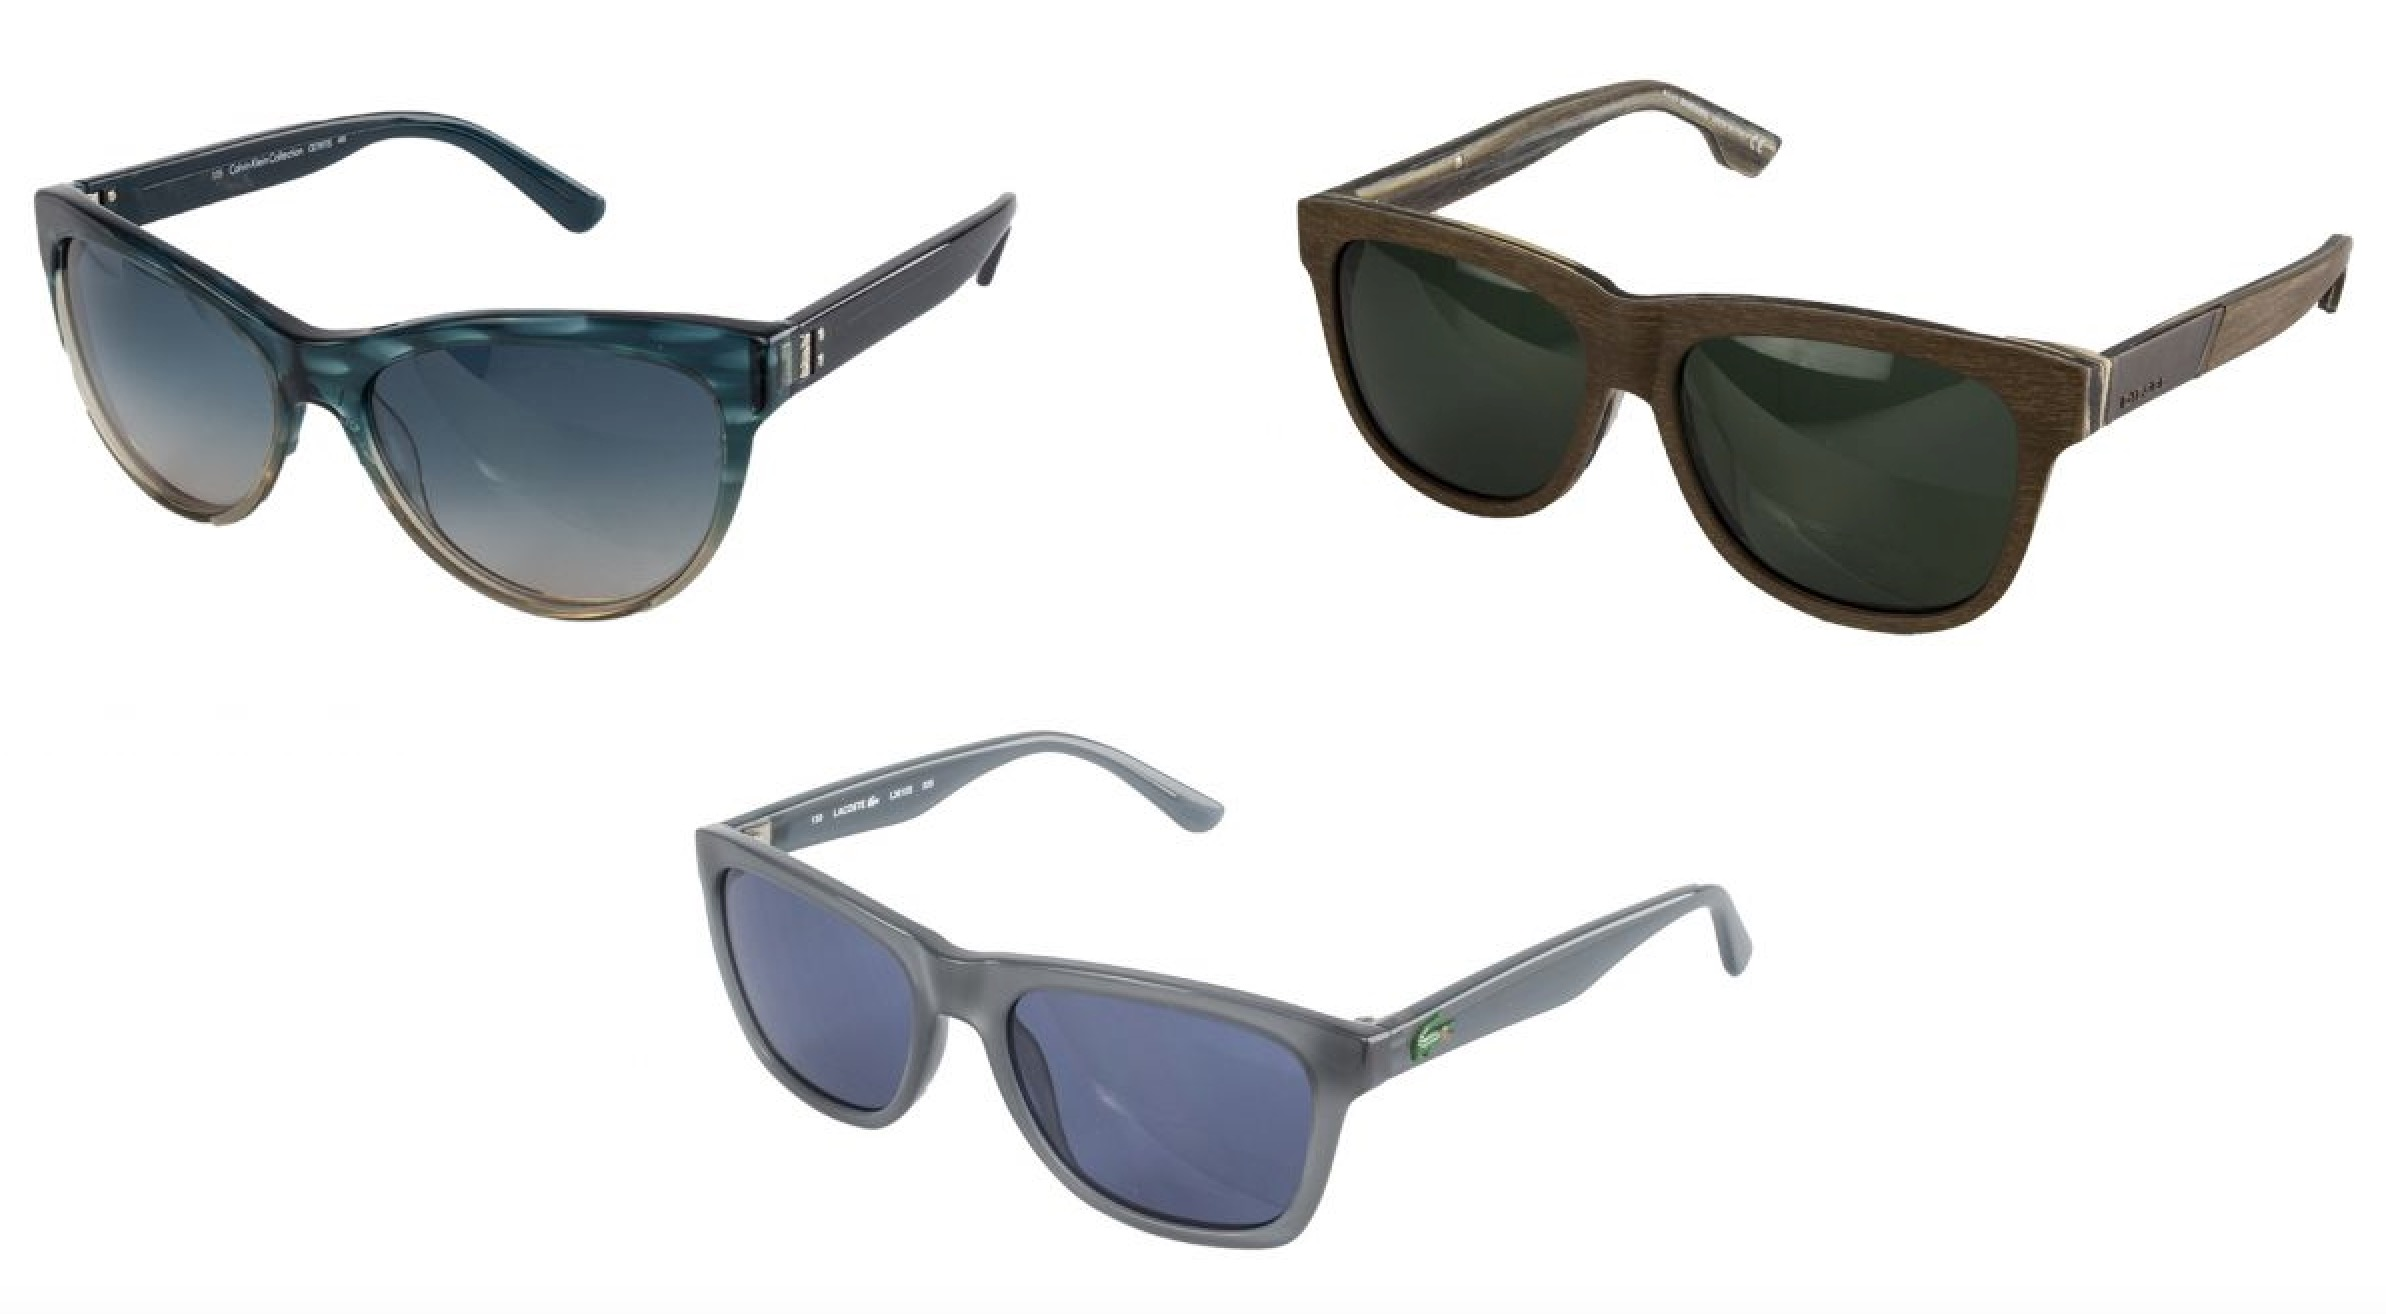 Viele verschiedene Marken-Sonnenbrillen